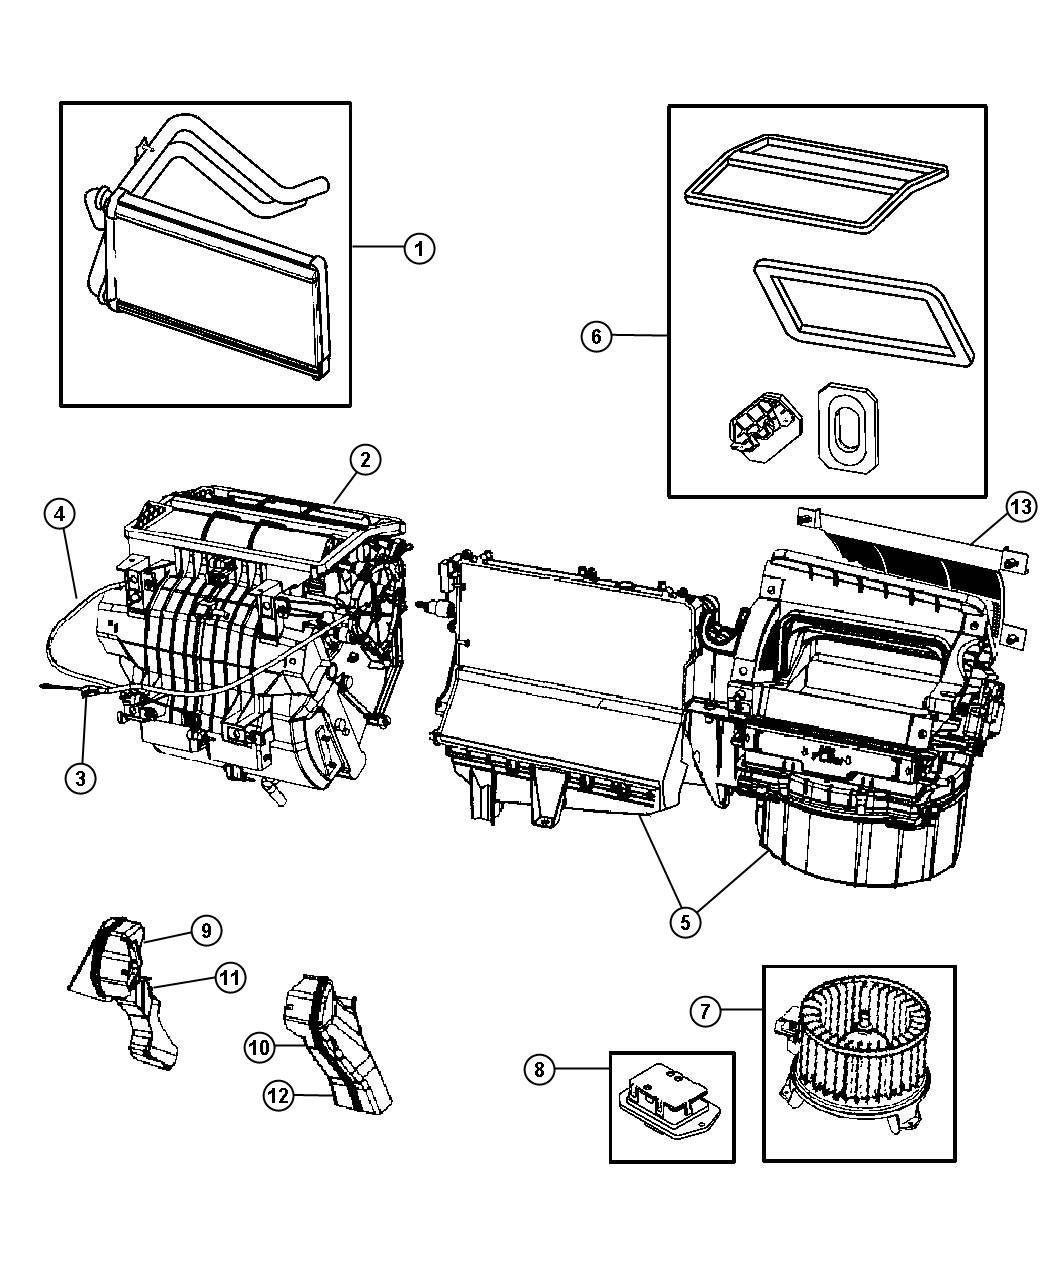 2007 Jeep Patriot Housing. Blower motor. Door, coupler